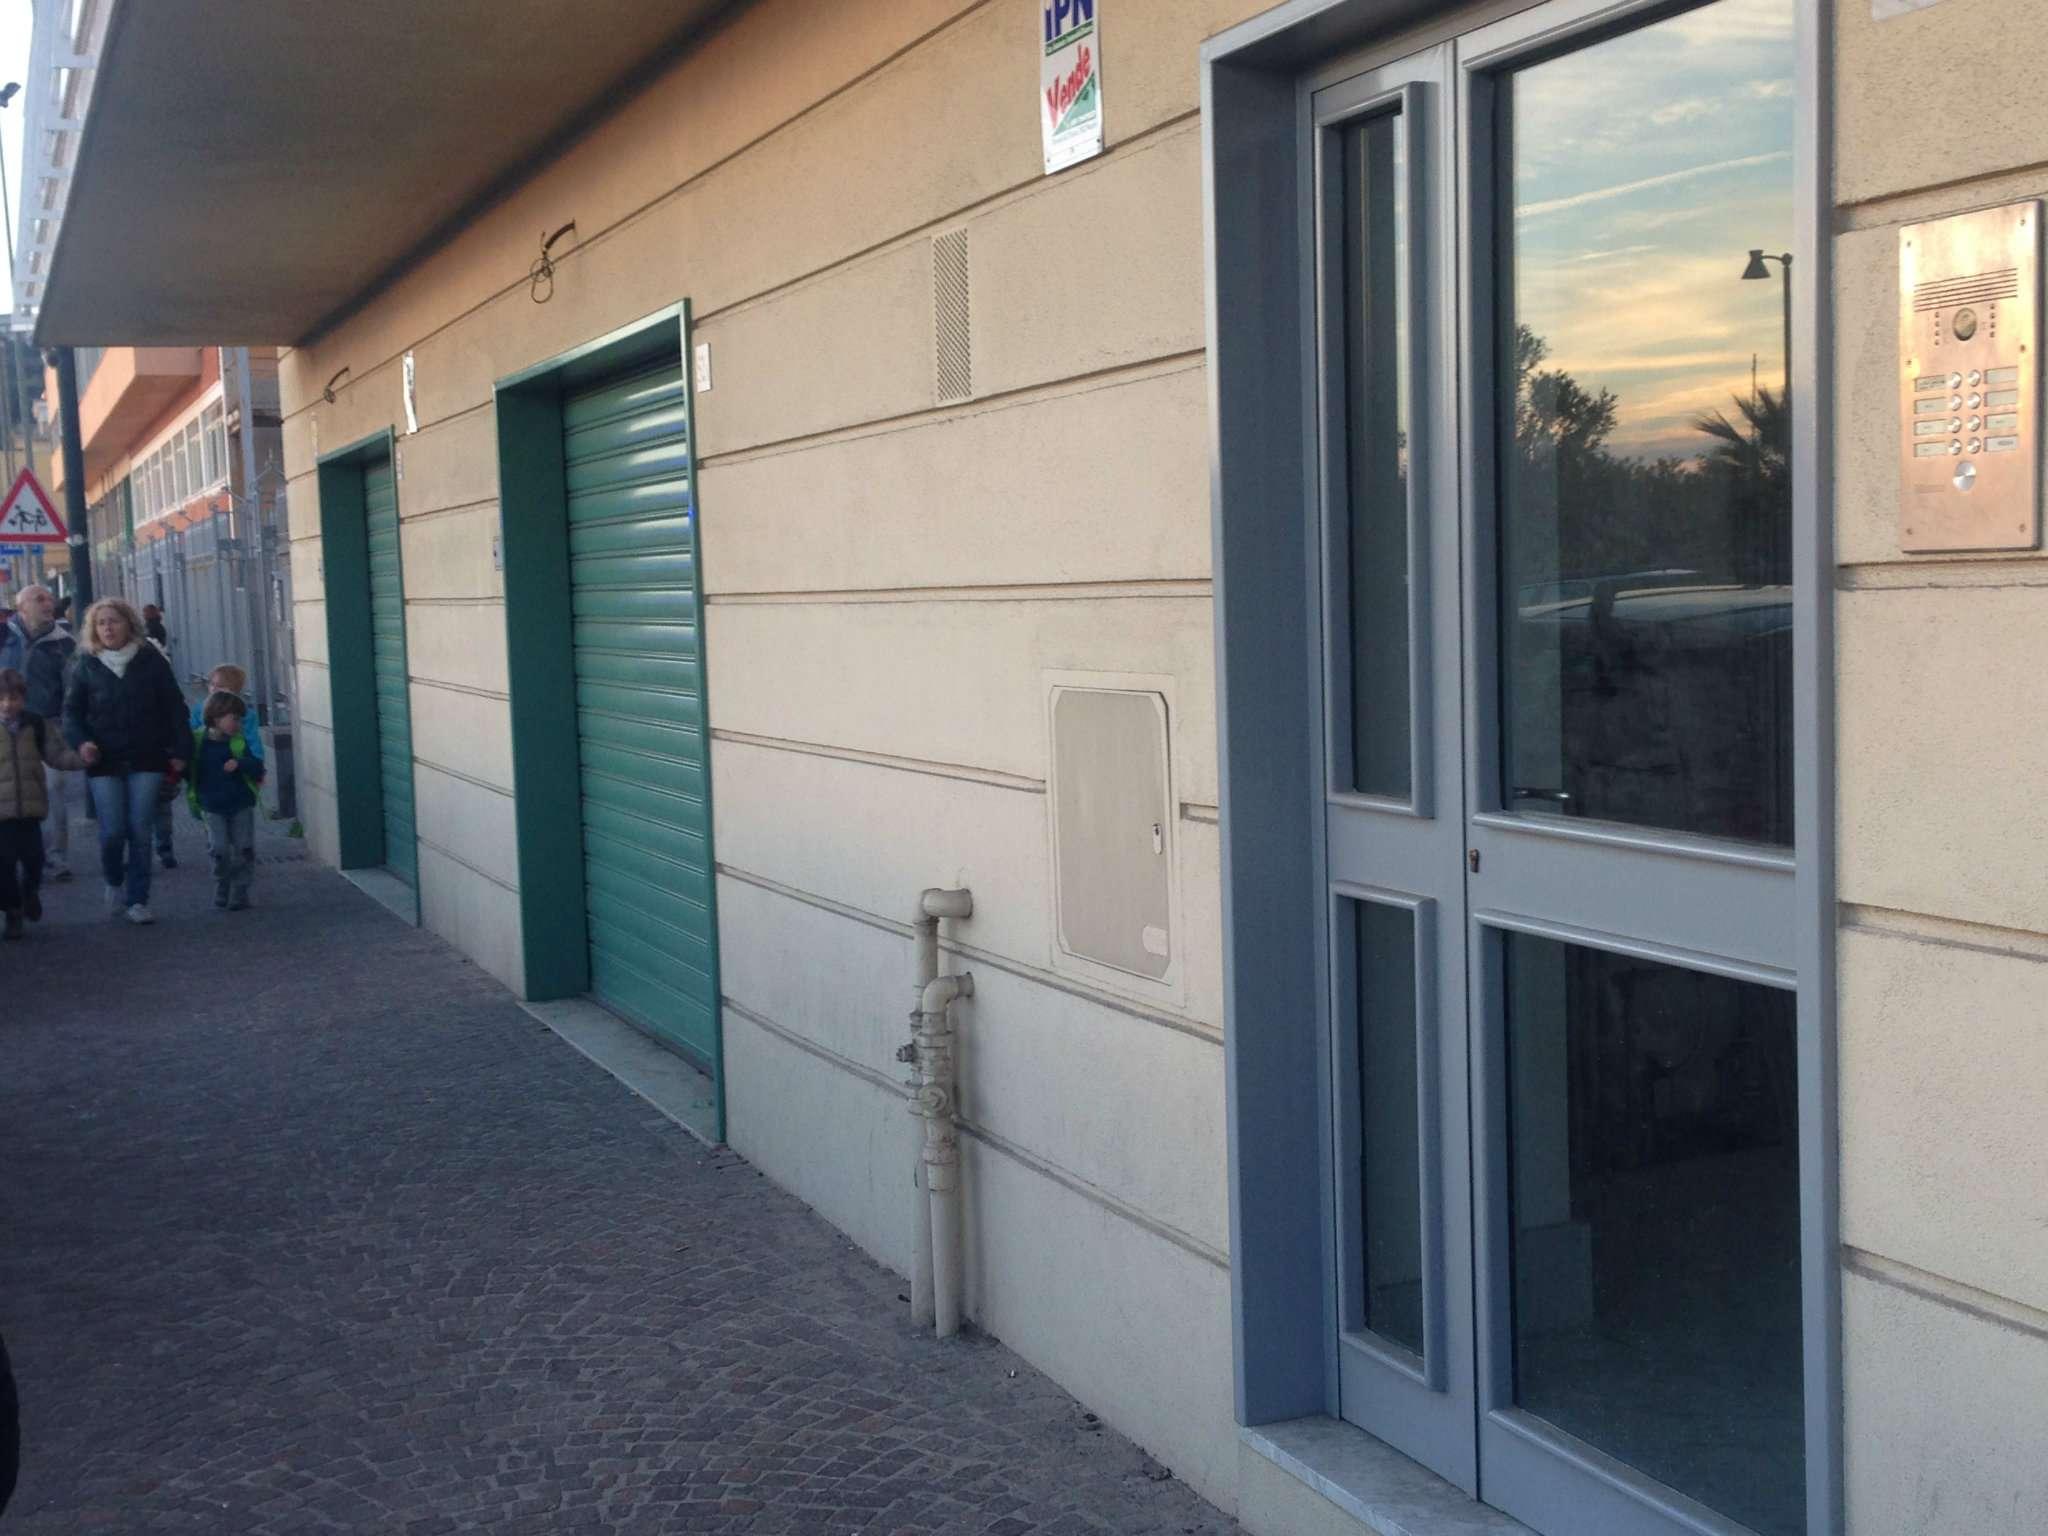 Negozio / Locale in vendita a Napoli, 1 locali, zona Zona: 10 . Bagnoli, Fuorigrotta, Agnano, Trattative riservate | CambioCasa.it